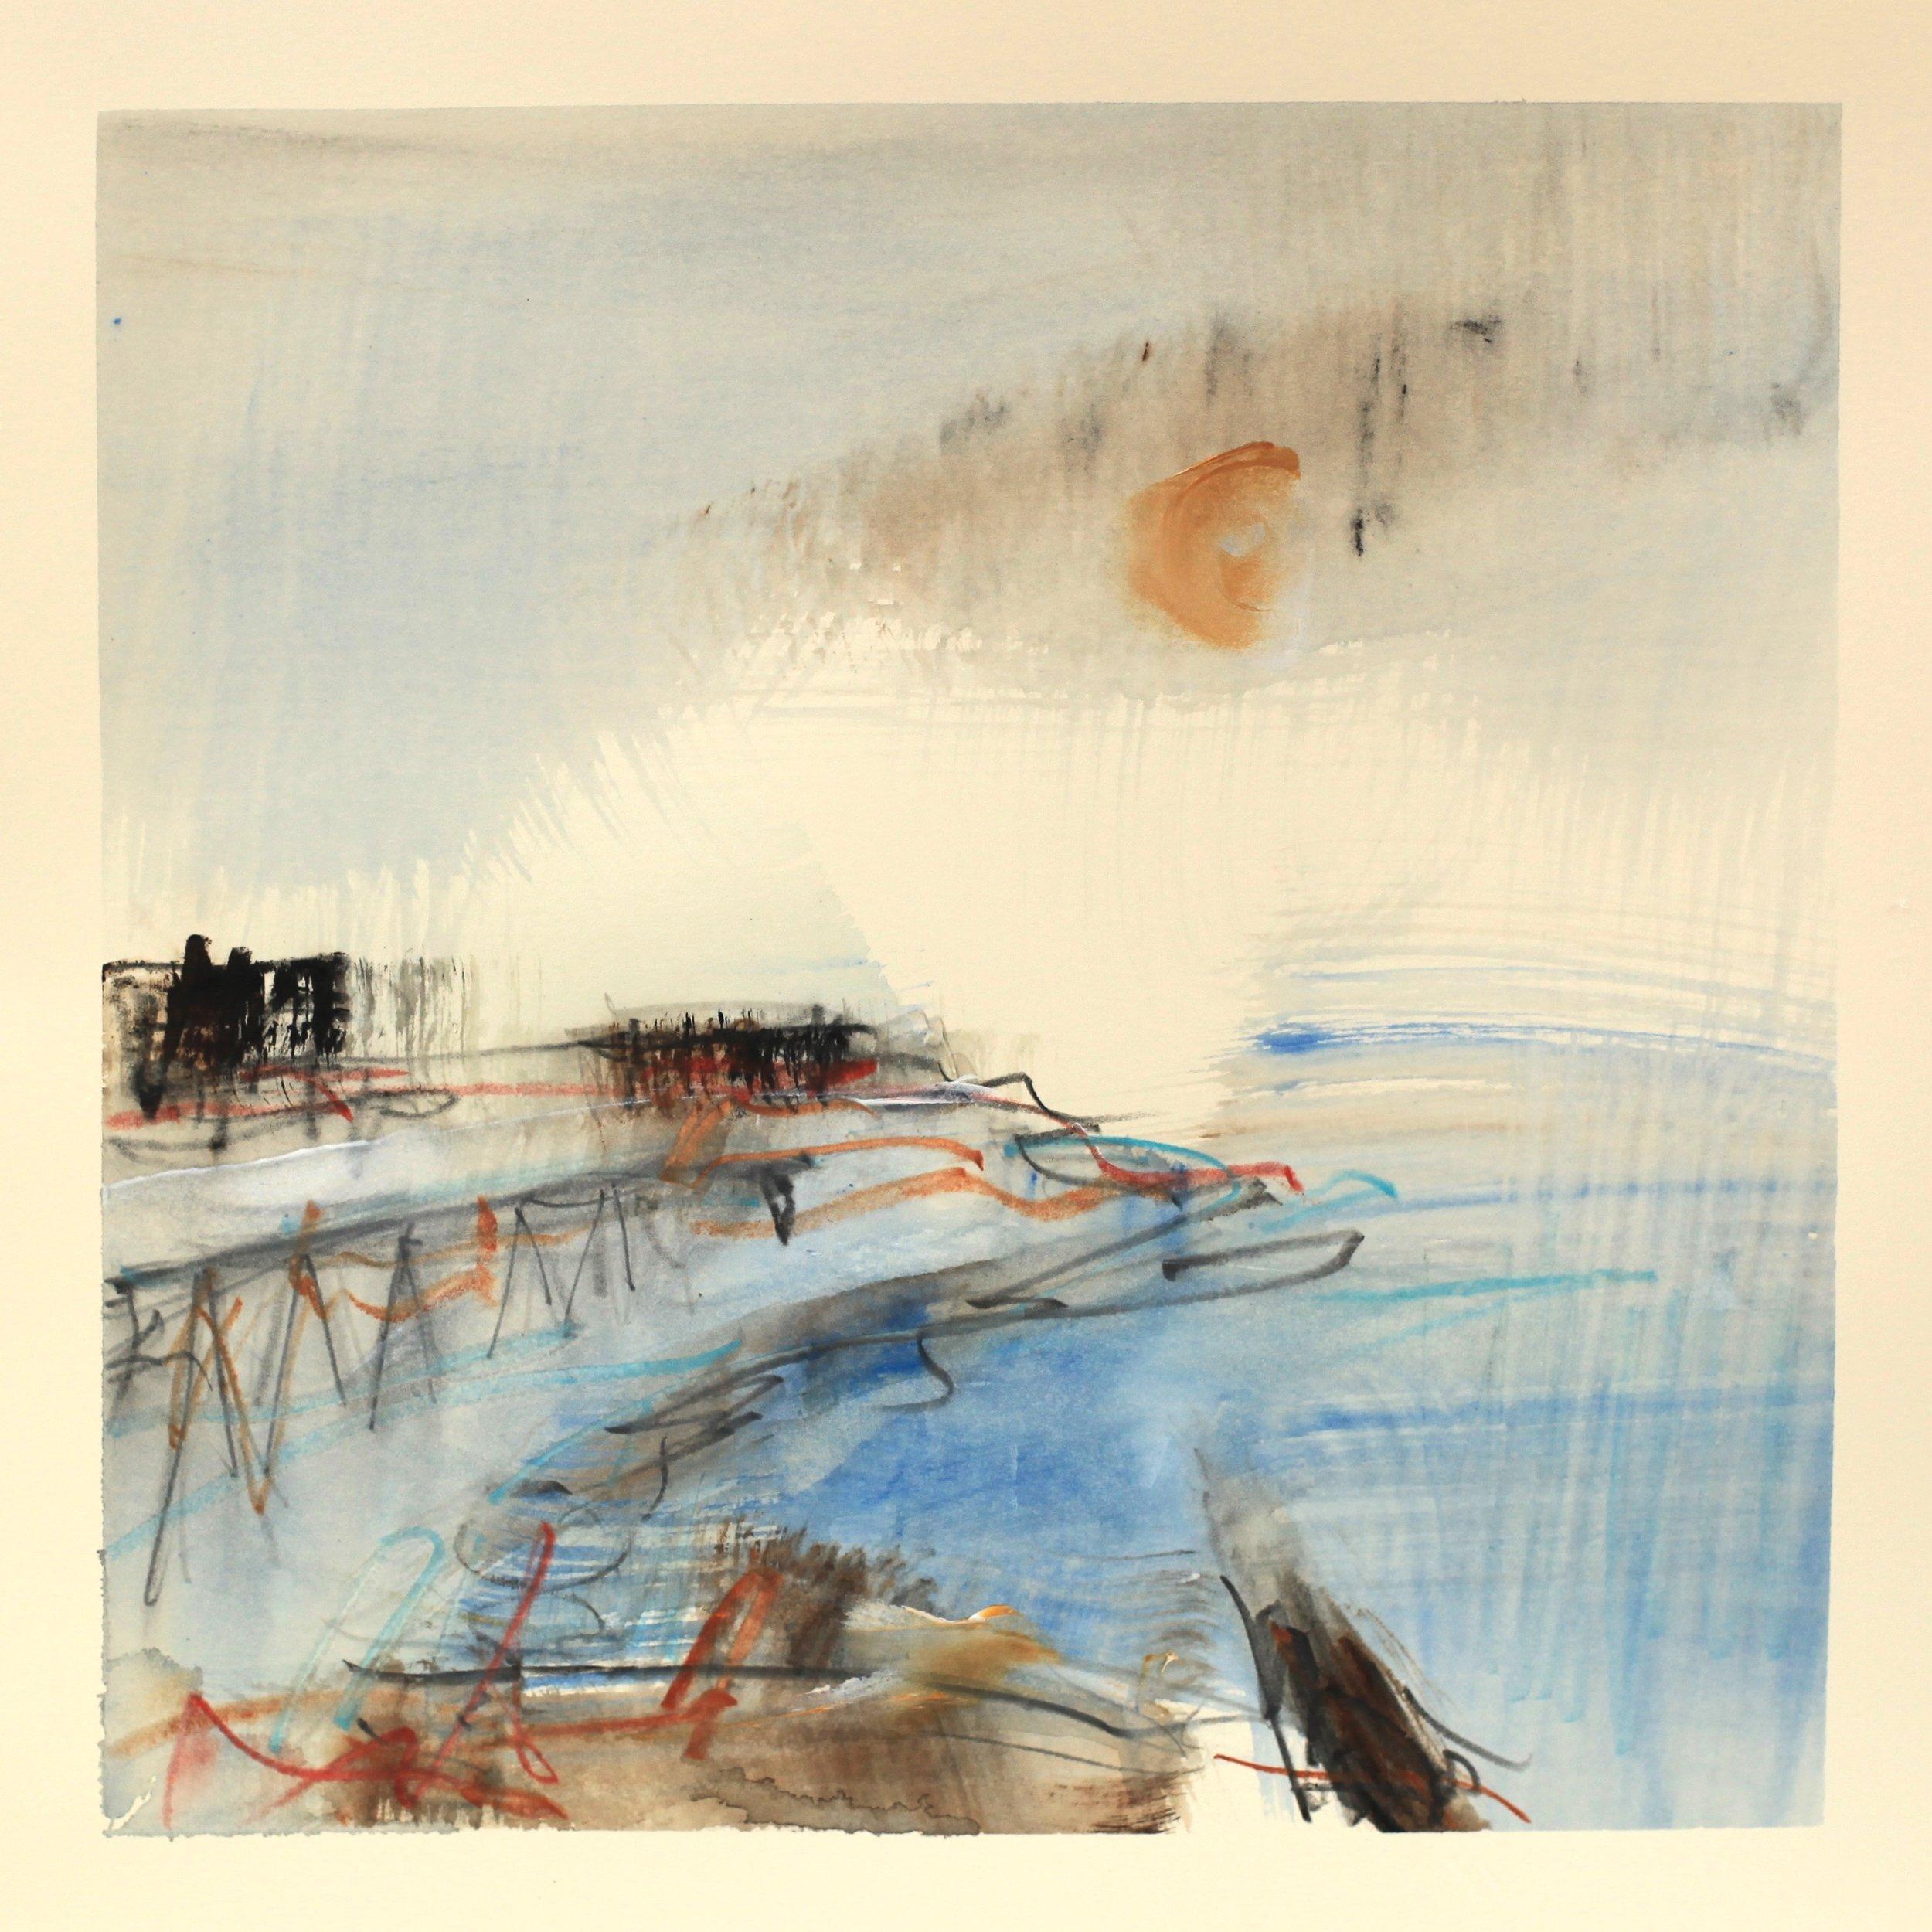 Into the harbour, watercolour, 28 x 28cm